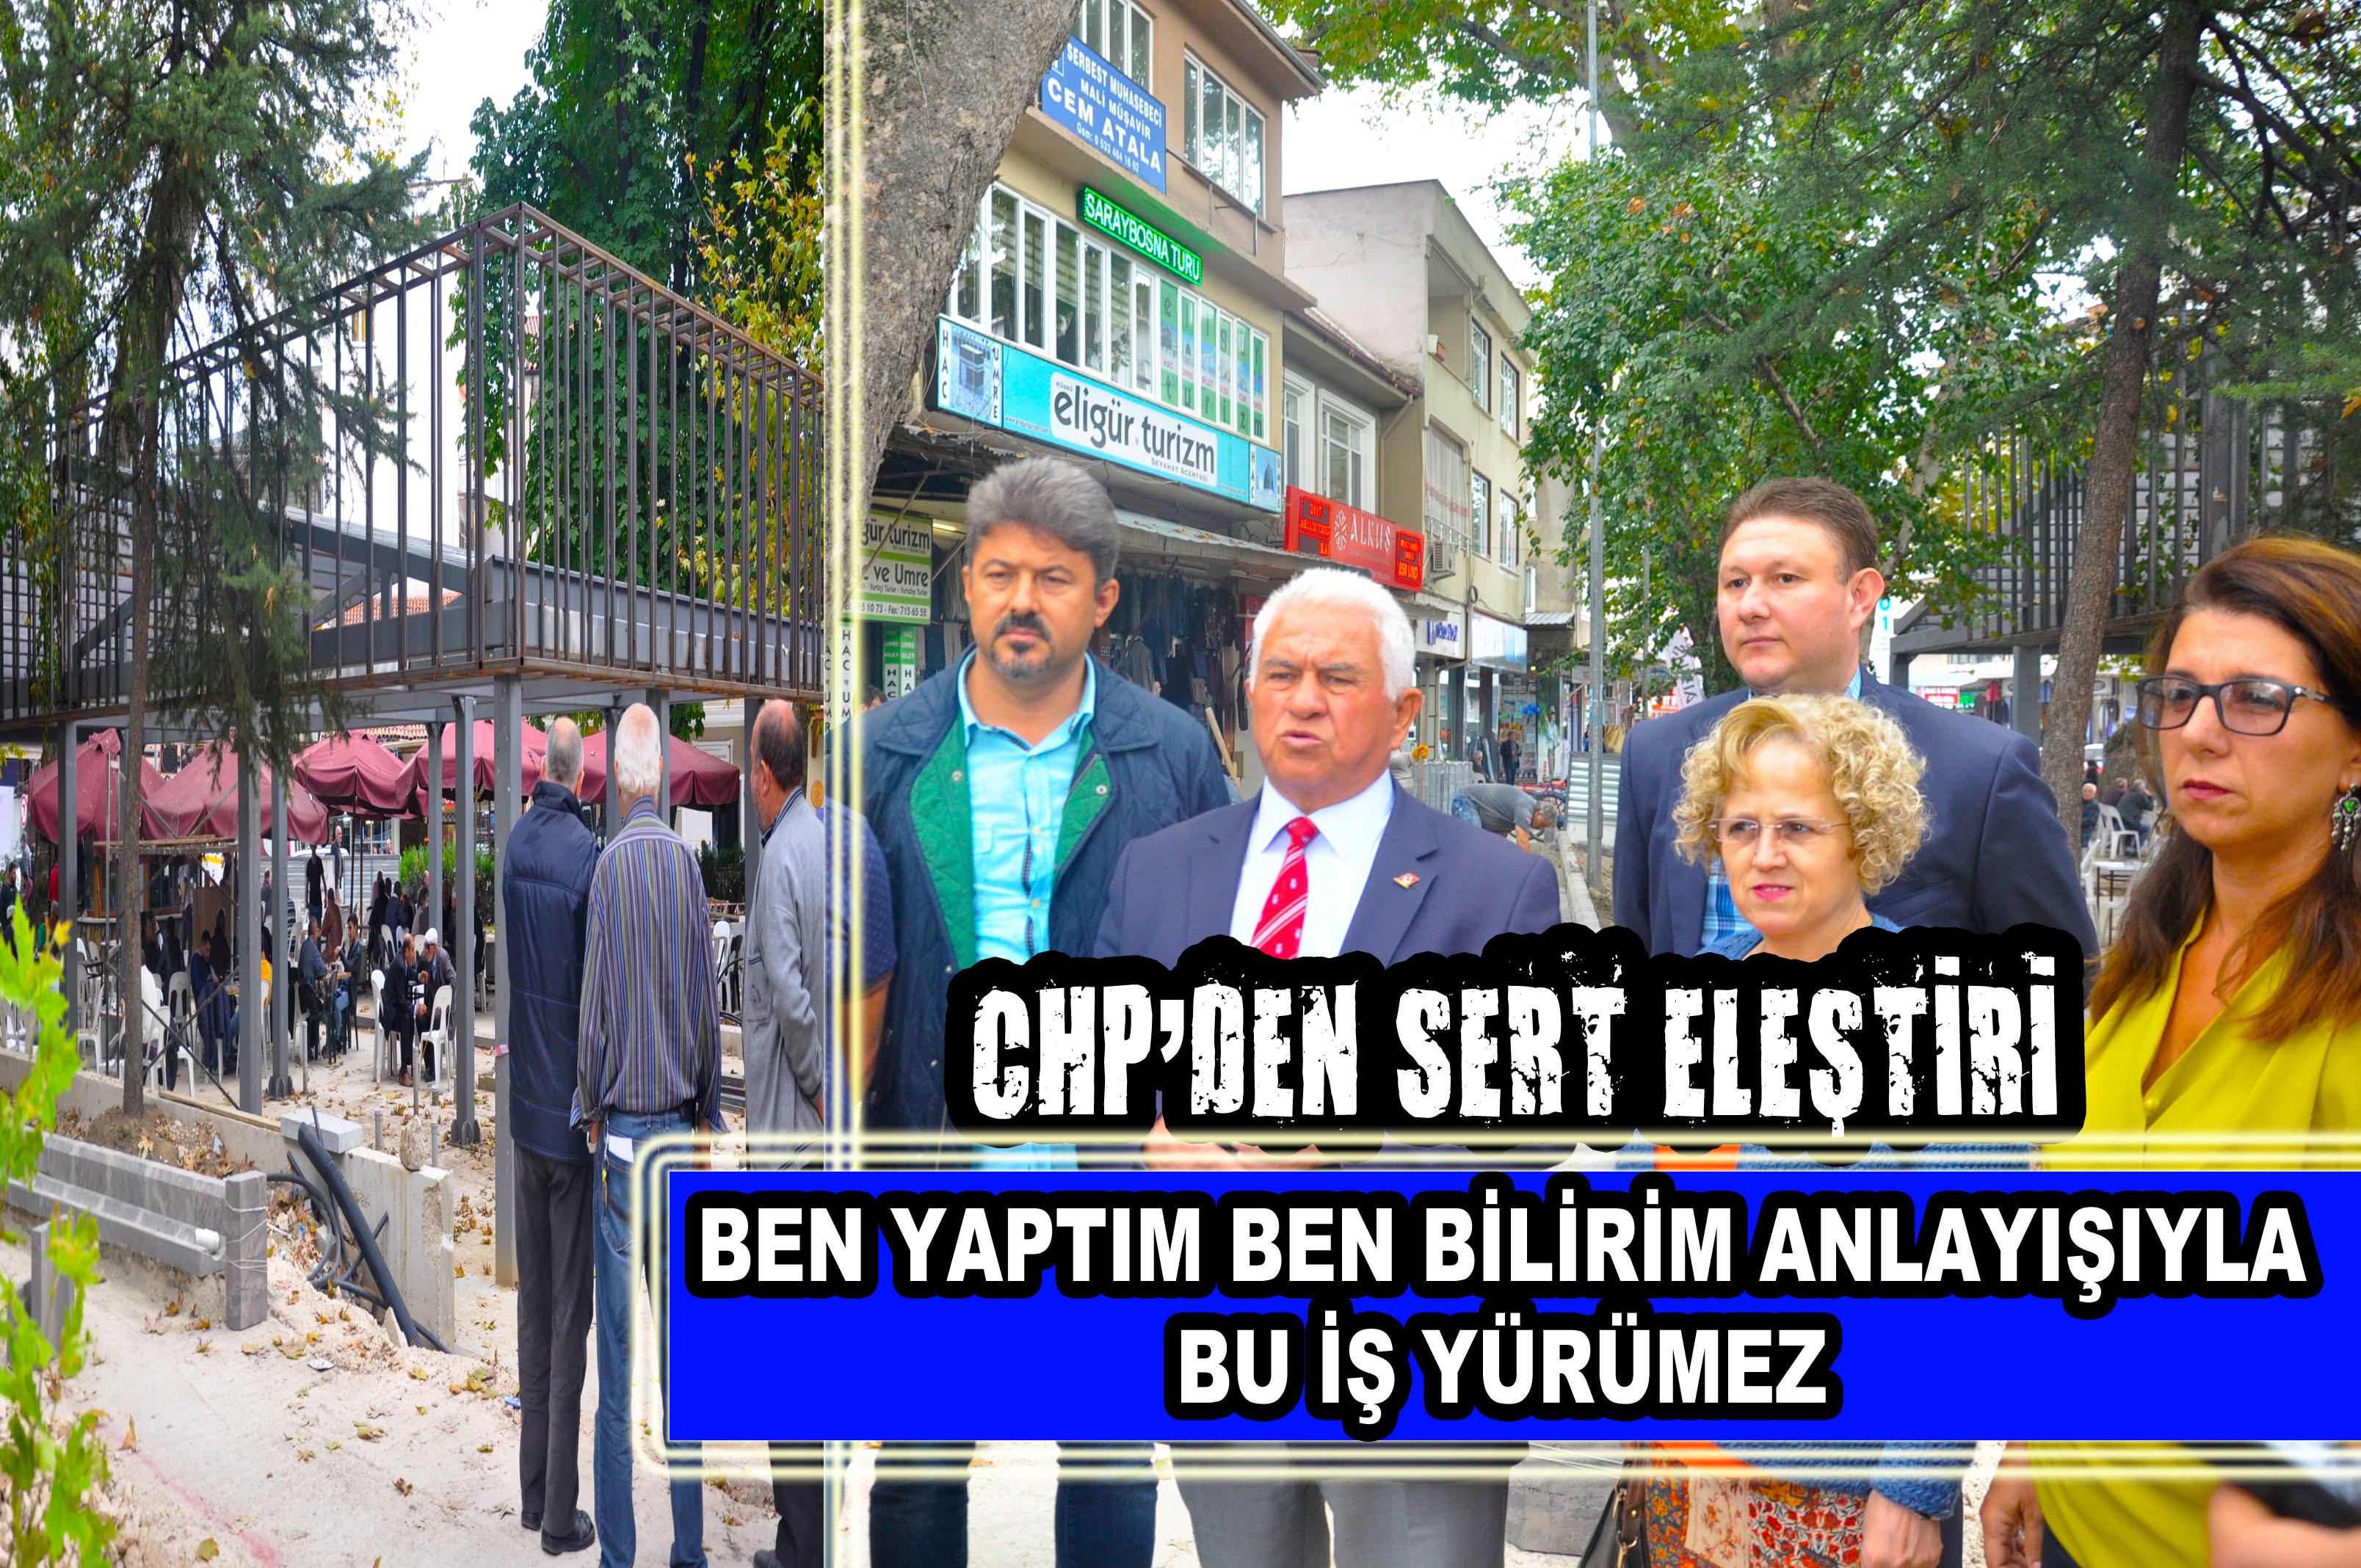 CHP'DEN SERT ELEŞTİRİ